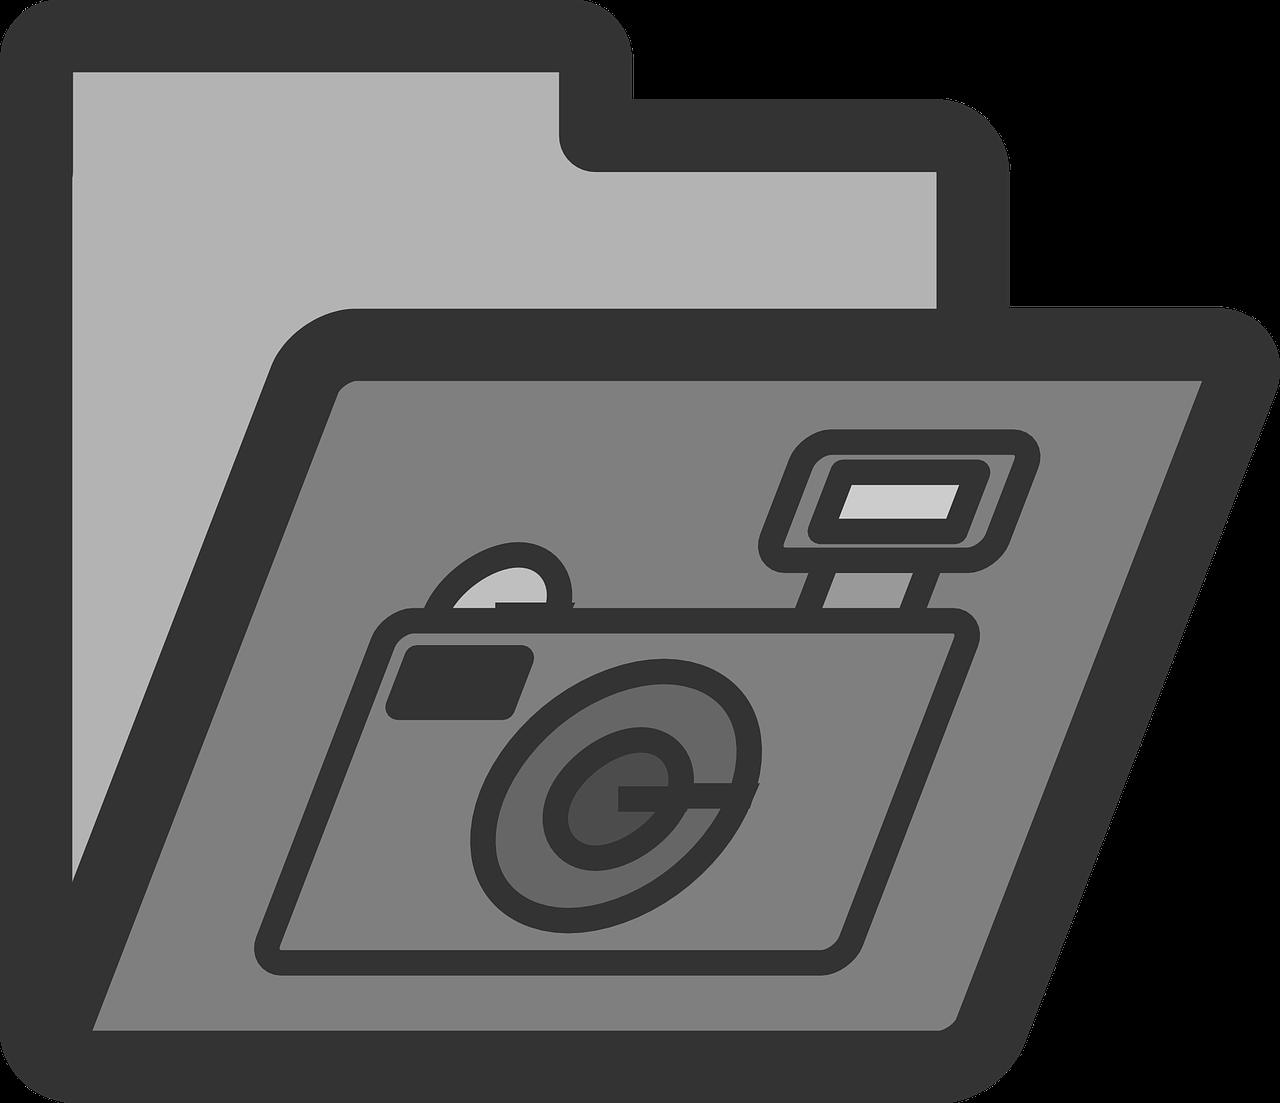 画像ビューア「Leeyes」の使い方とjpgプラグイン導入